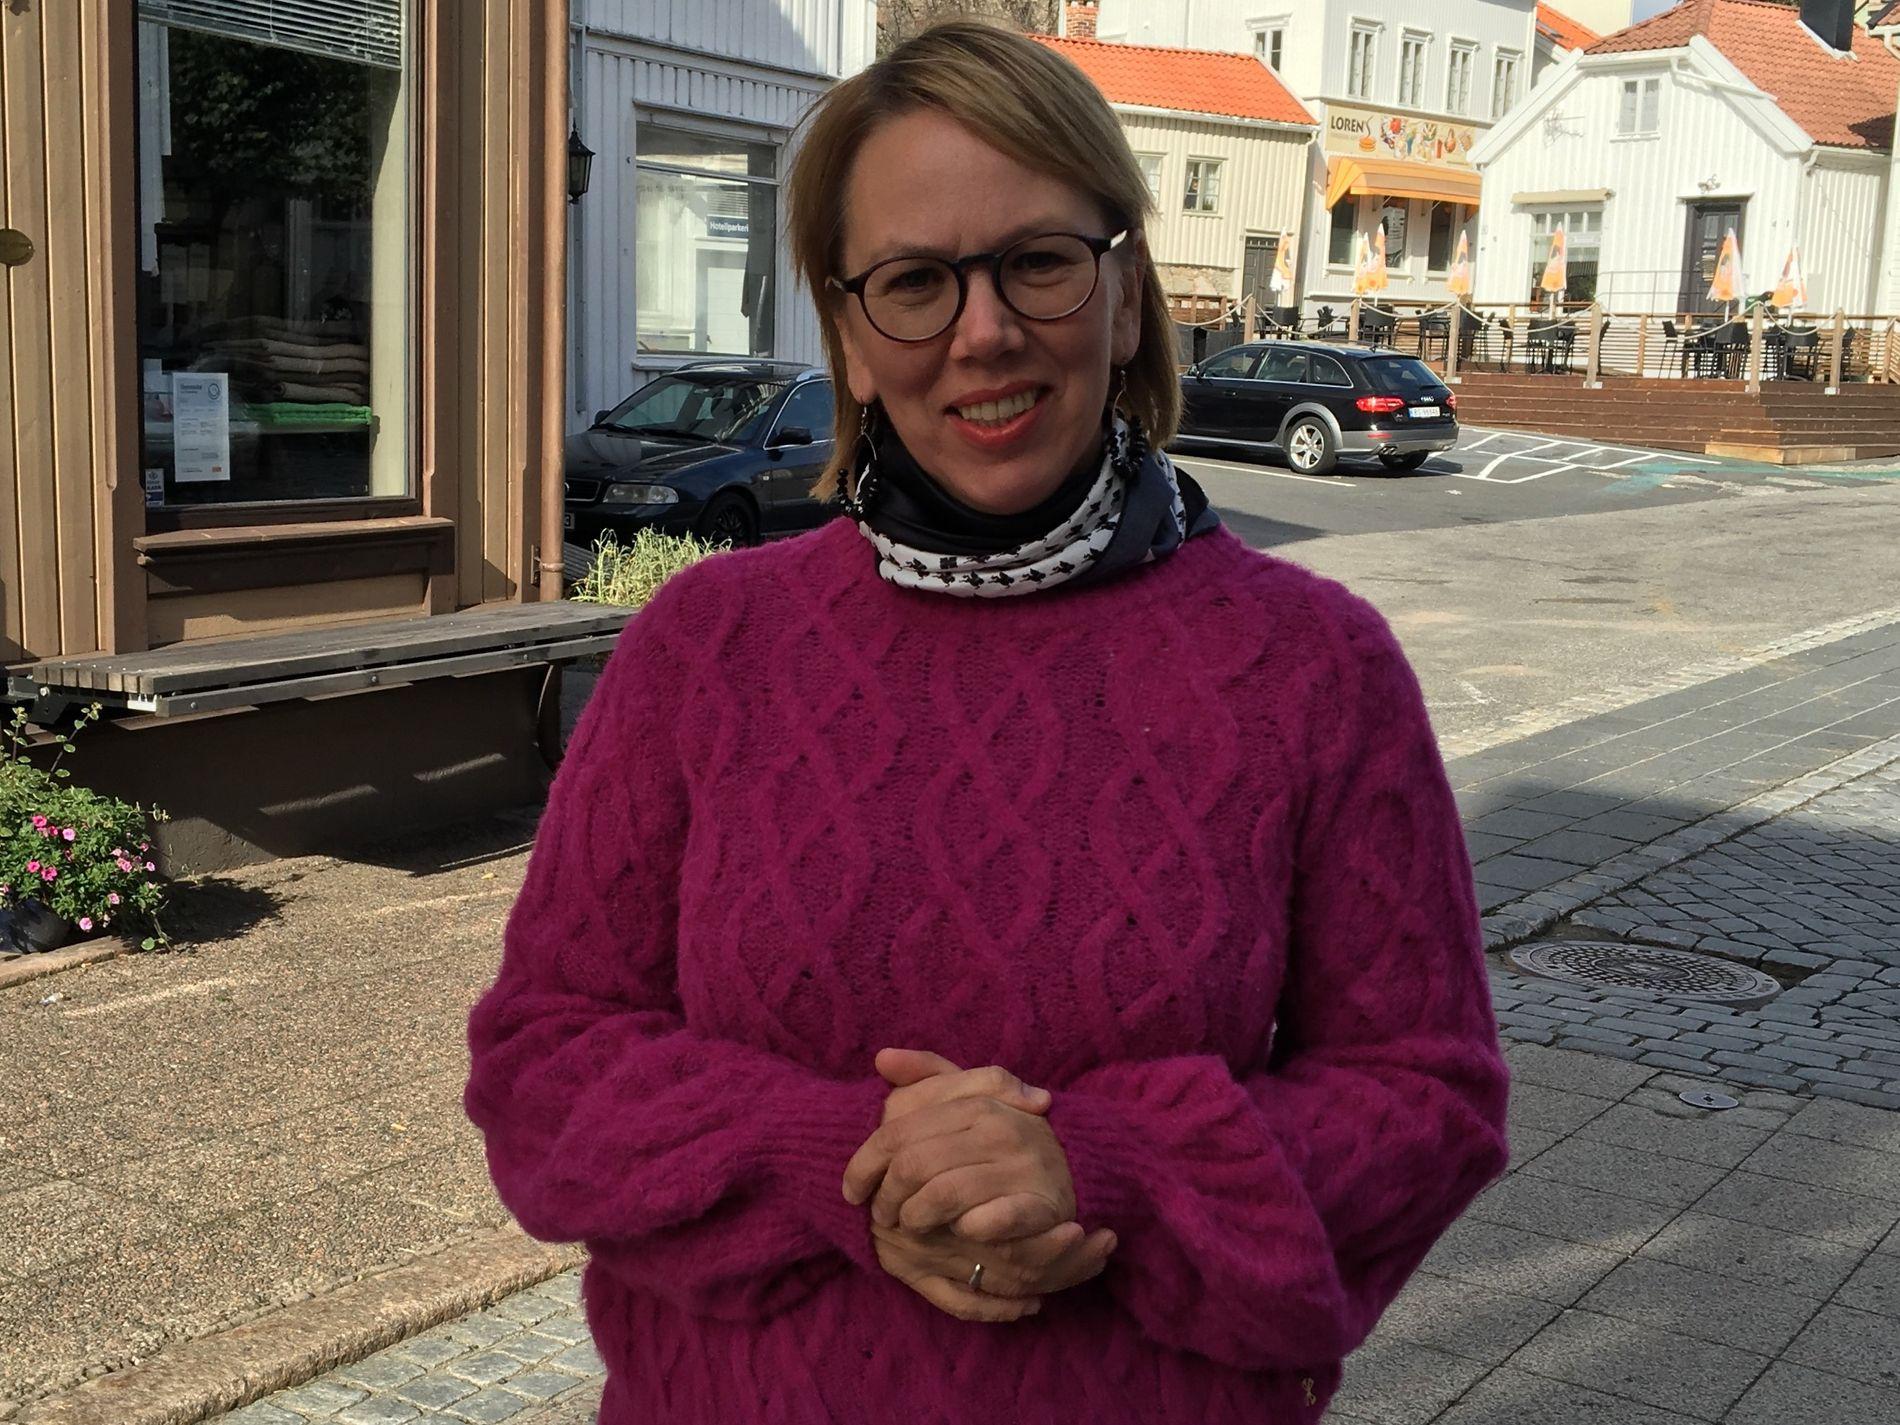 KJEMPER FOR BUTIKKENE: Anna Elise Smedvig leder Grimstad Min By, et selskap drevet og eid av Grimstads handelsstand for å sikre de fysiske butikkenes fremtid i byen gjennom gode opplevelser i sentrum. De har blant annet opprettet en felles nettbutikk for alle byens butikker.